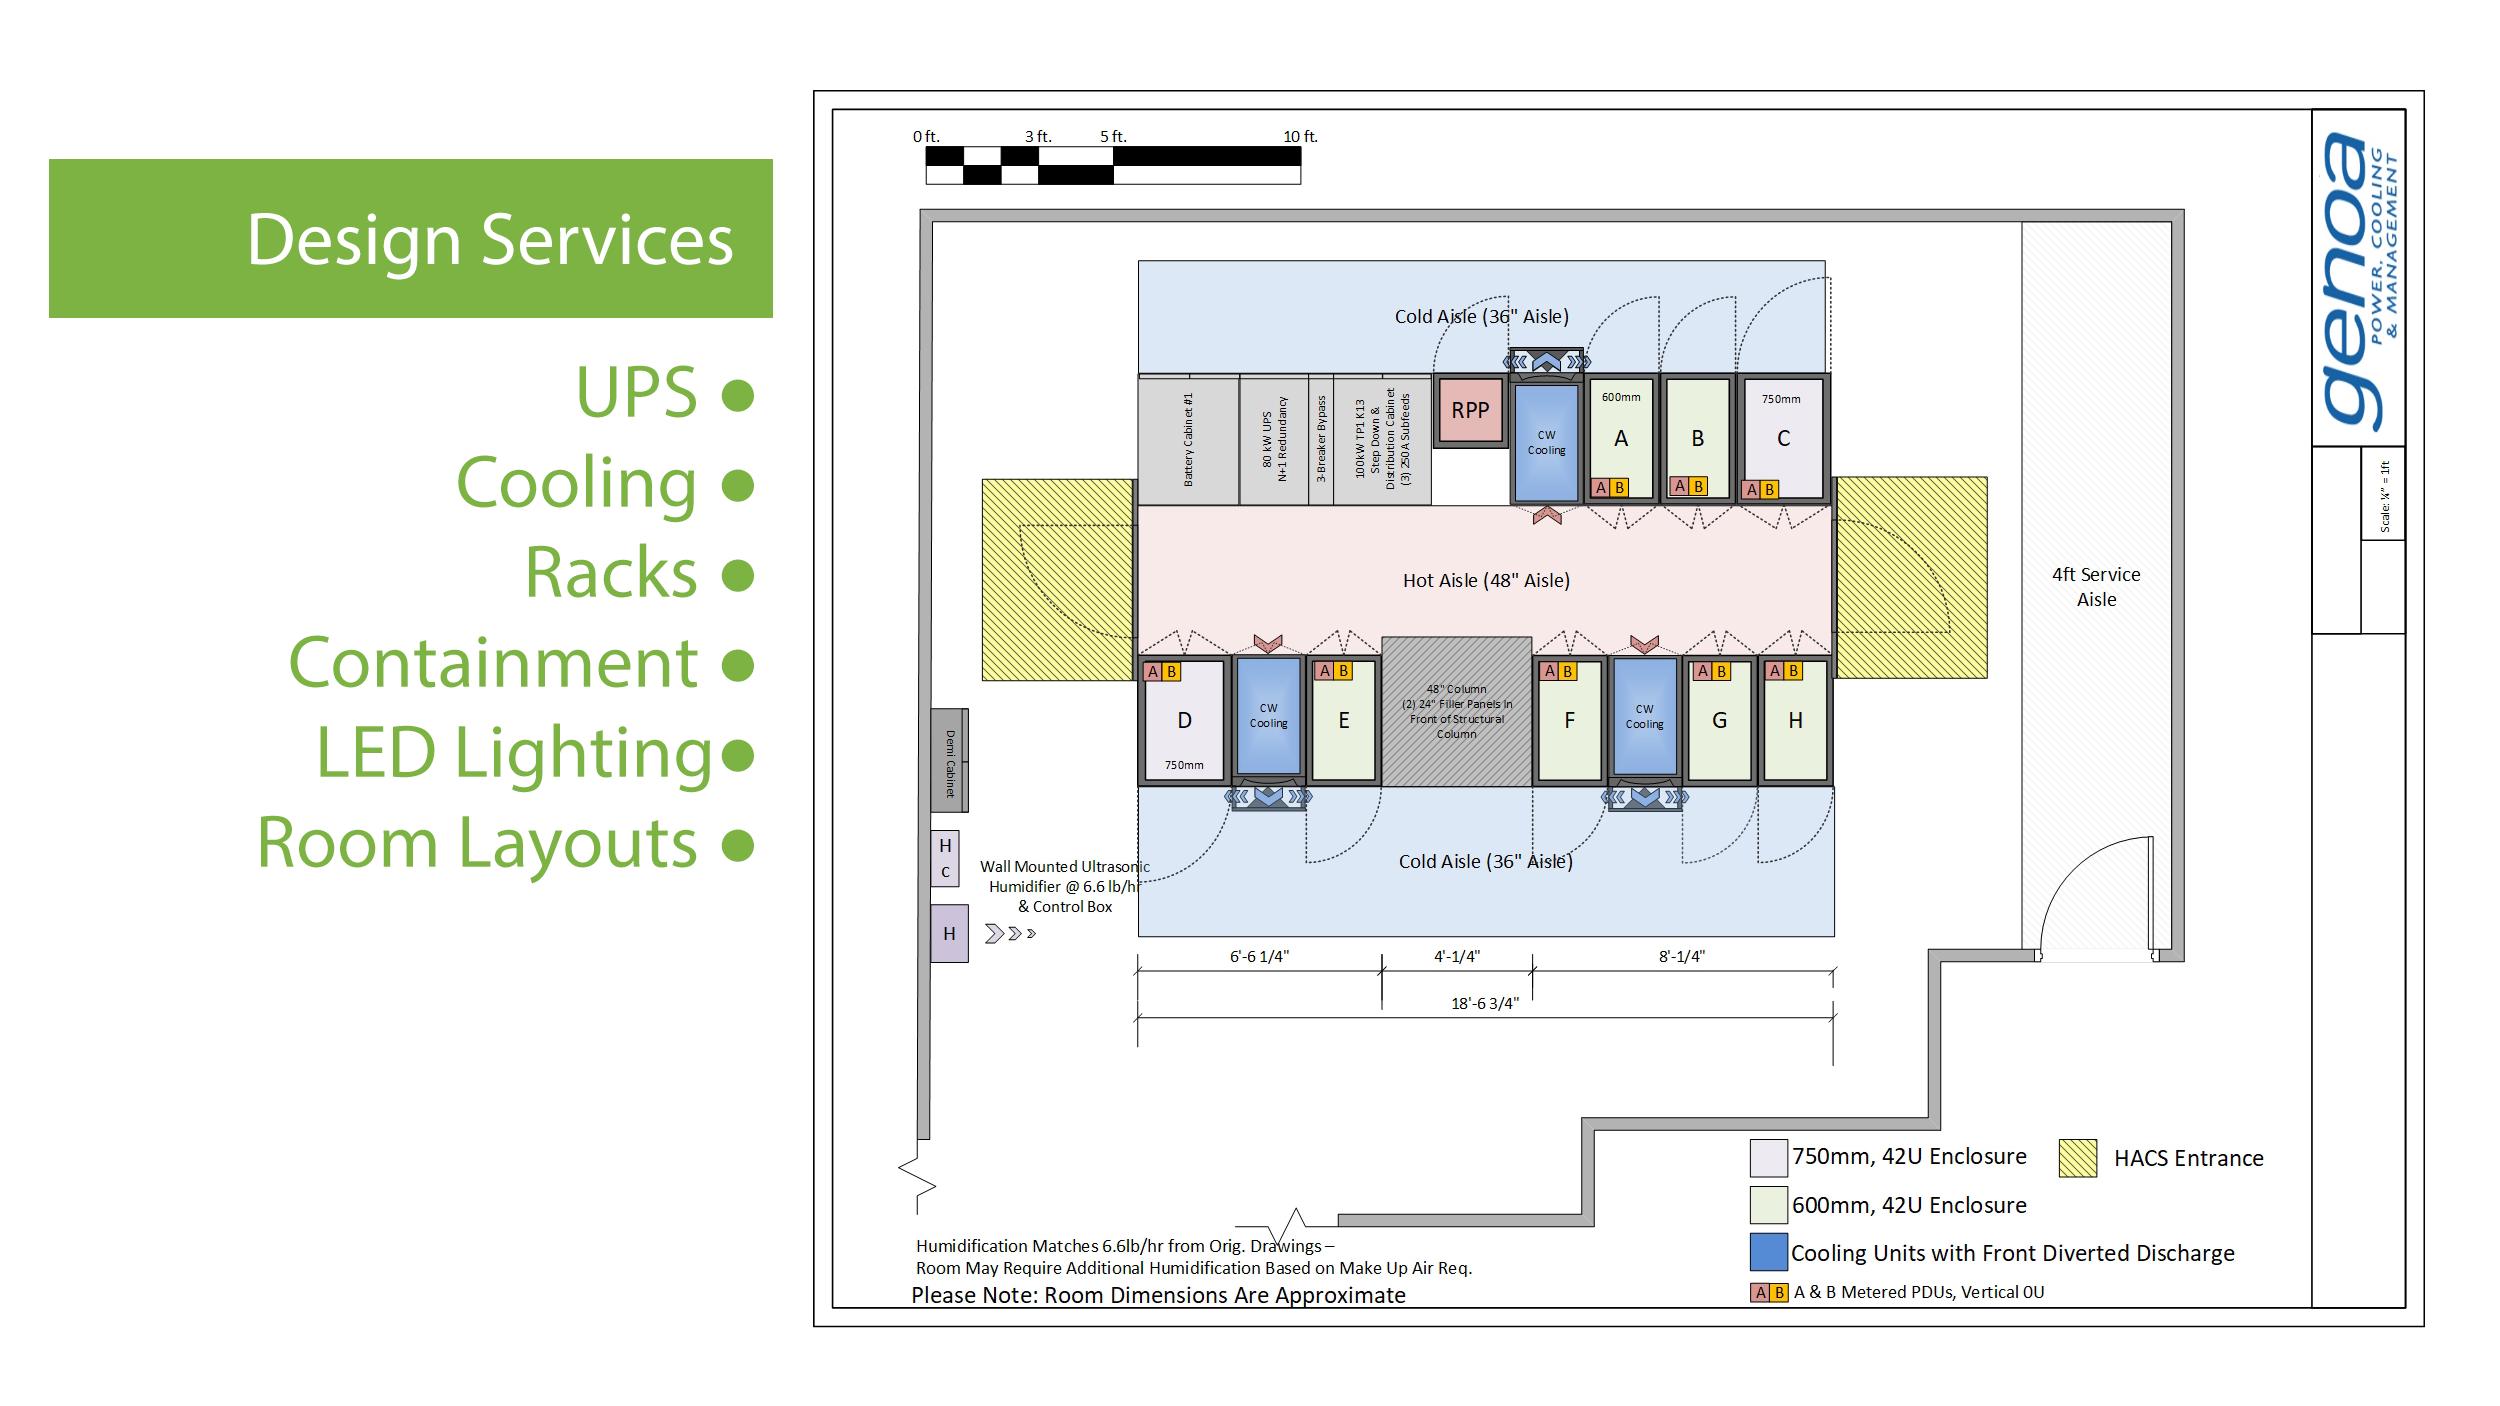 Design Services R2 2500x1406.png